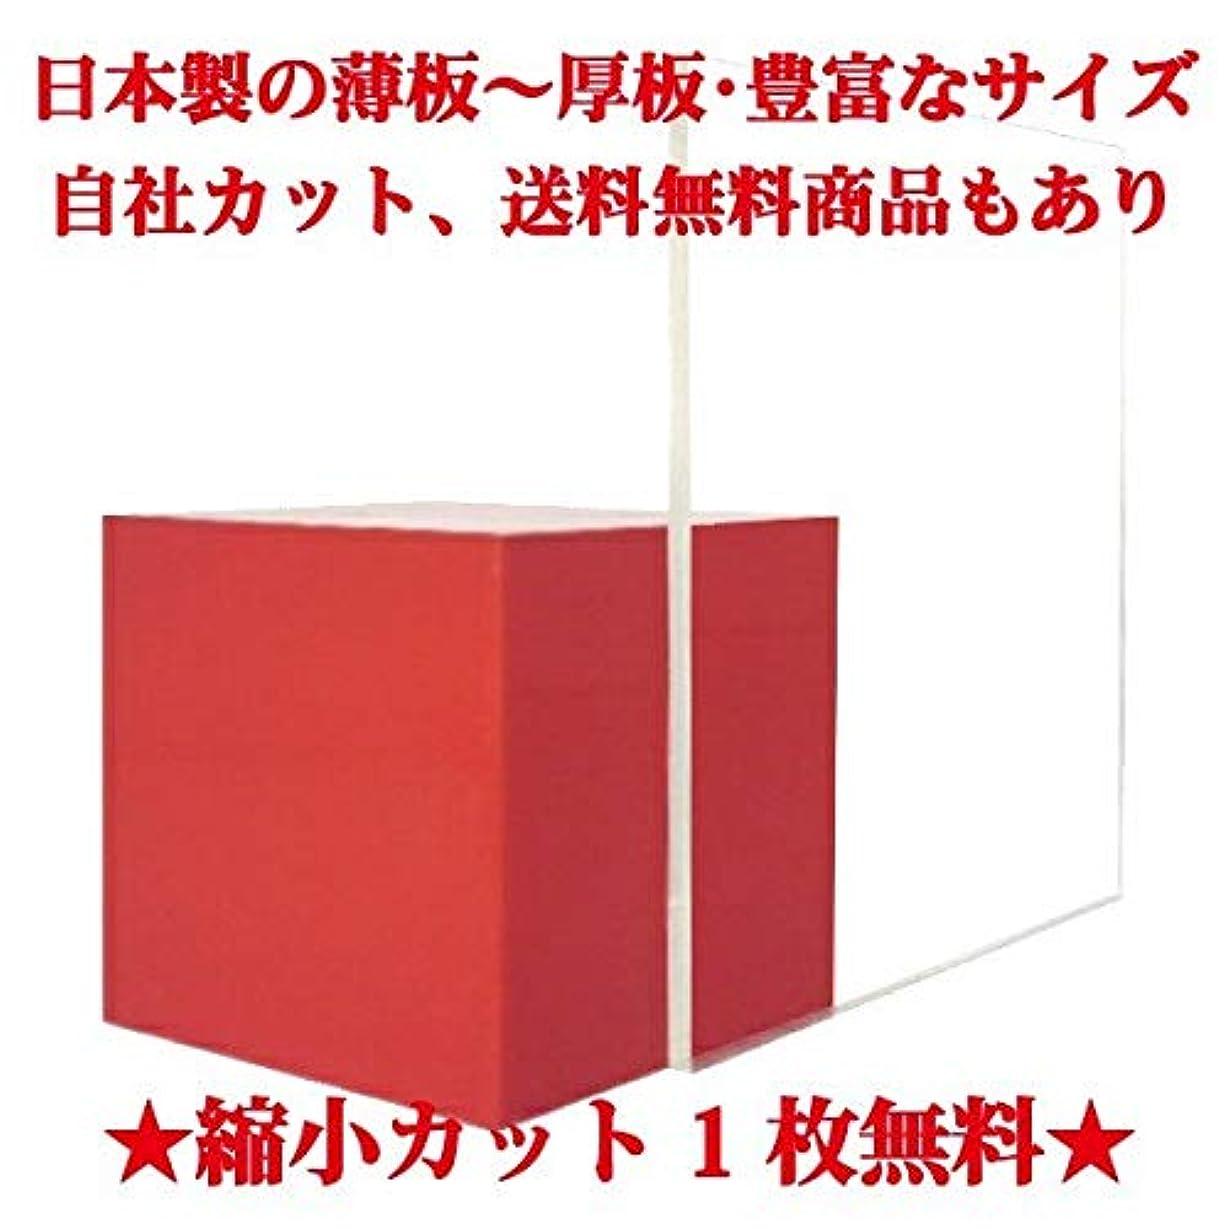 反毒道路発掘する日本製 デラグラス アクリル板 透明(紫外線カット押出板) 厚み3mm 400X500mm 縮小カット1枚無料 カンナ?糸面取り仕上(エッジで手を切る事はありません)(業務用?キャンセル返品不可)